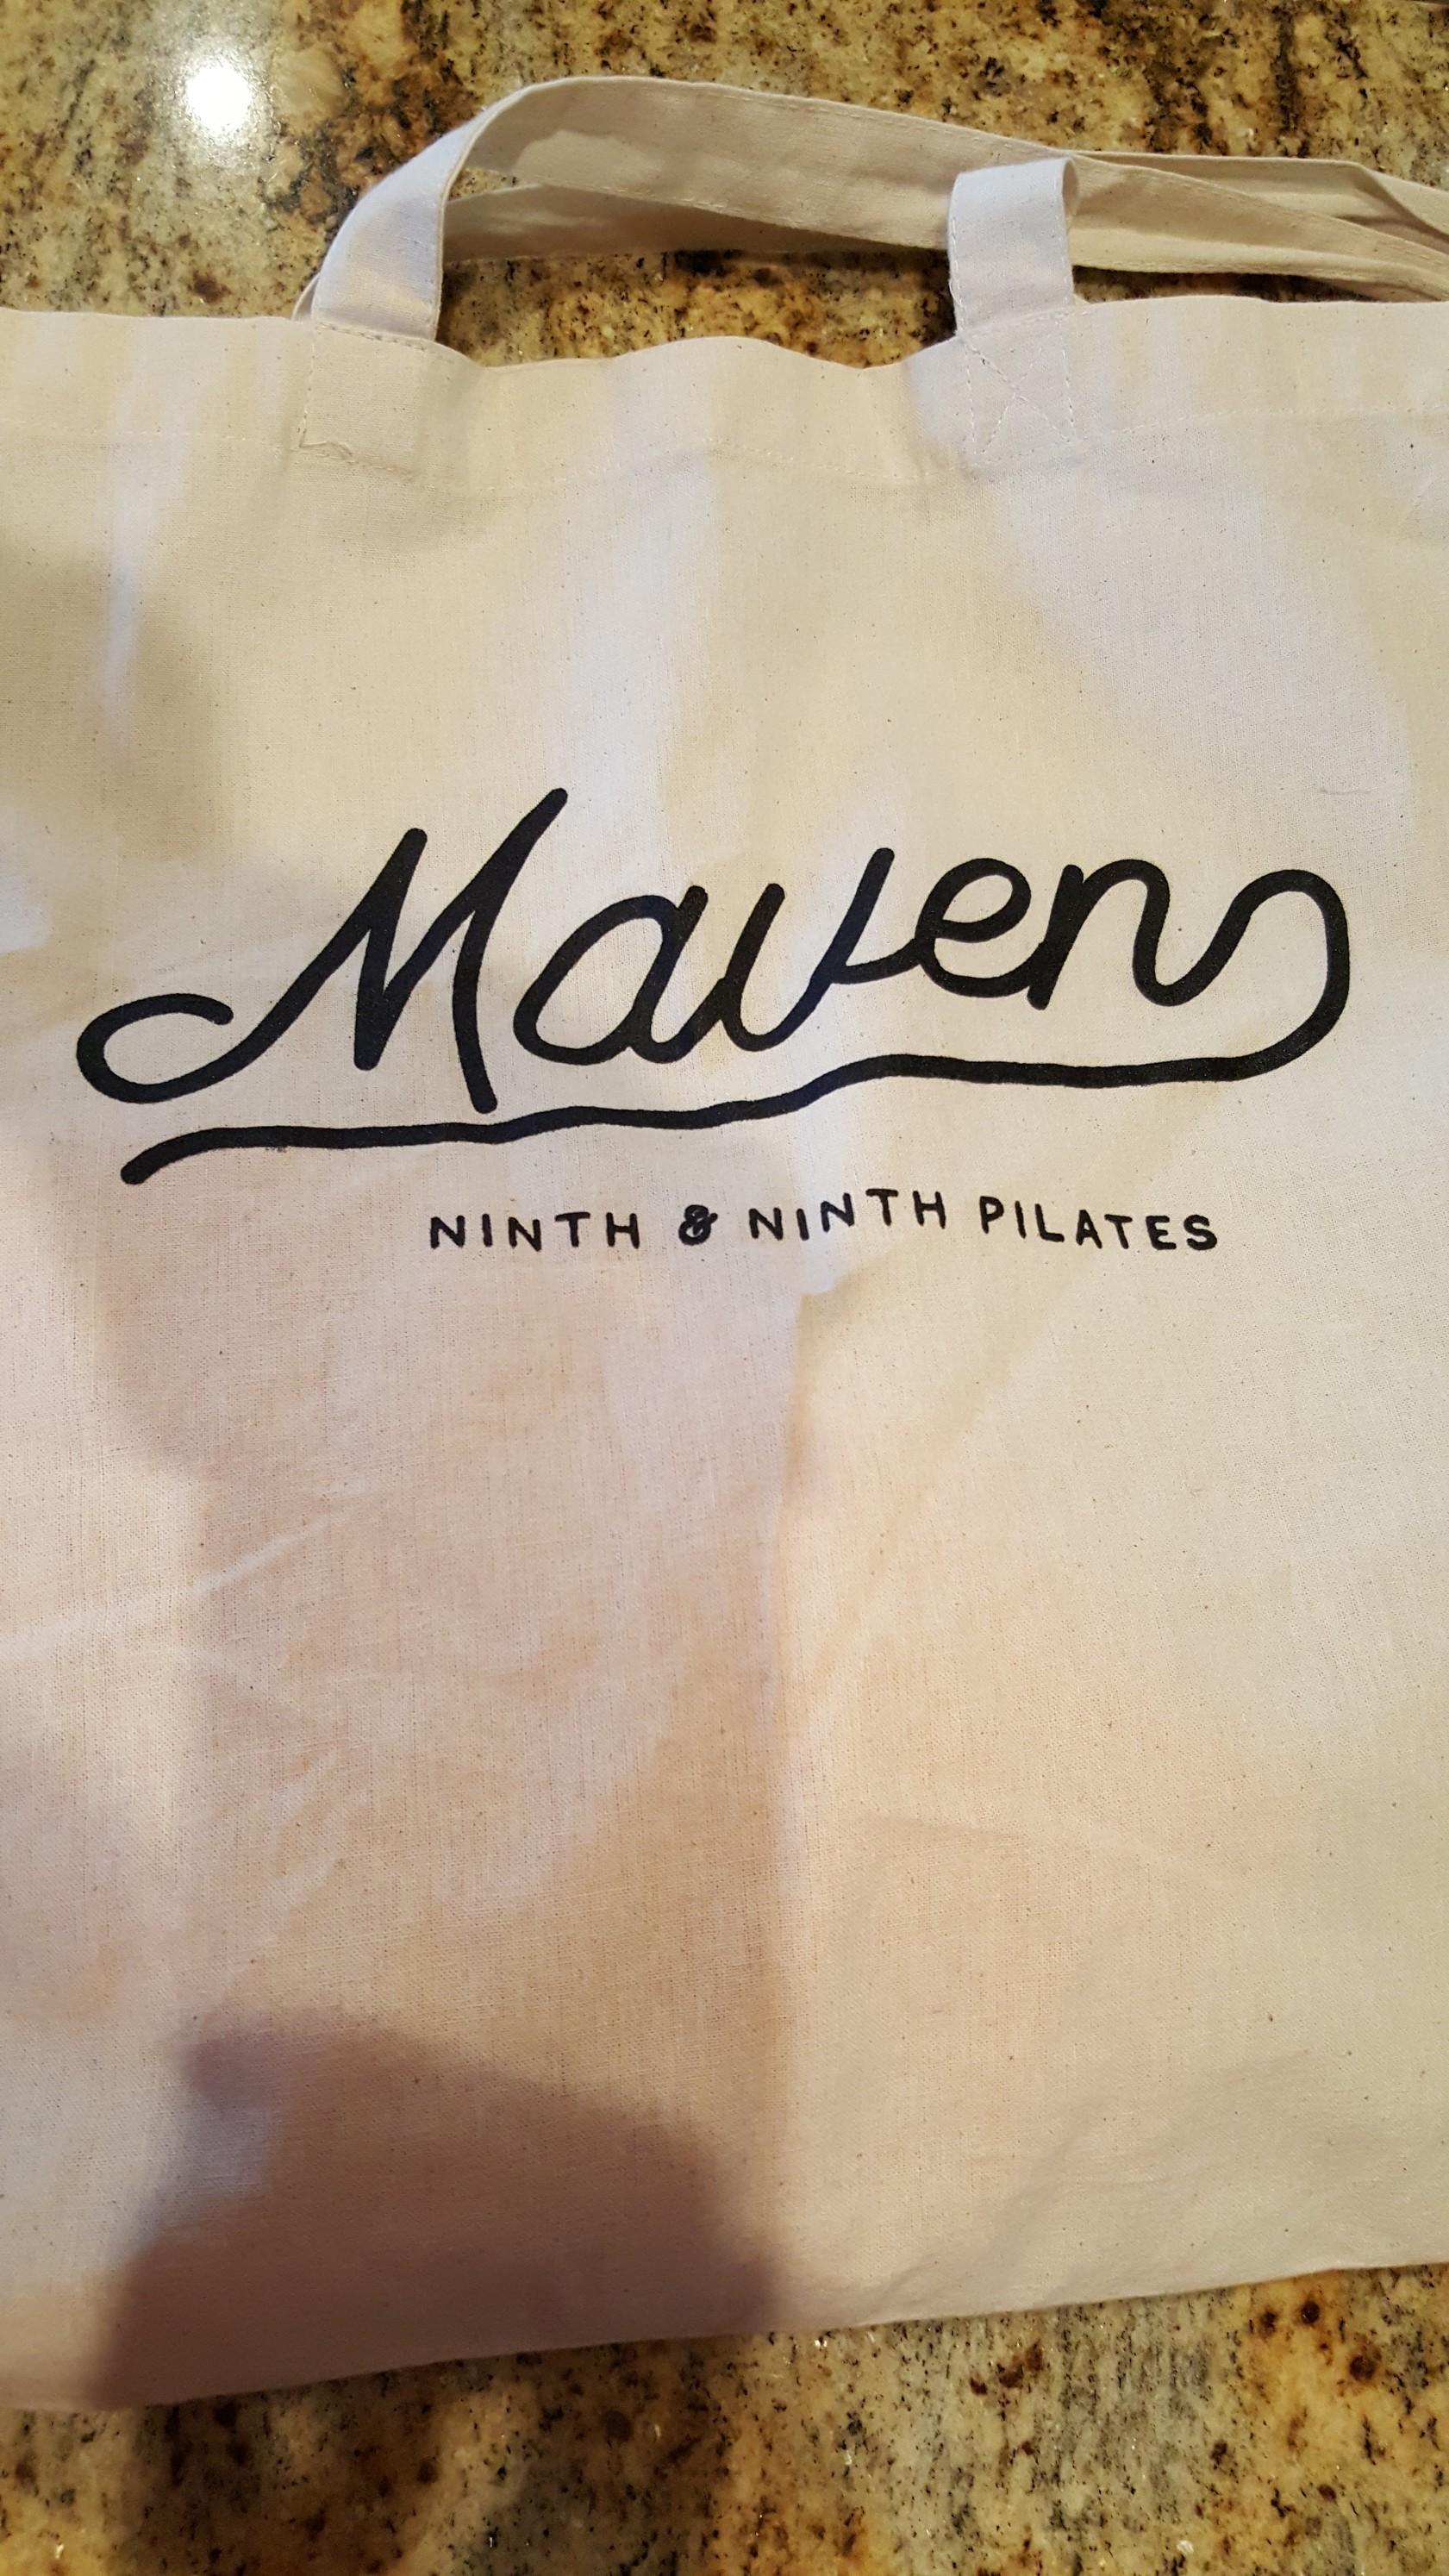 Souvenir tote bag from 9th and 9th Pilates in Salt Lake Utah